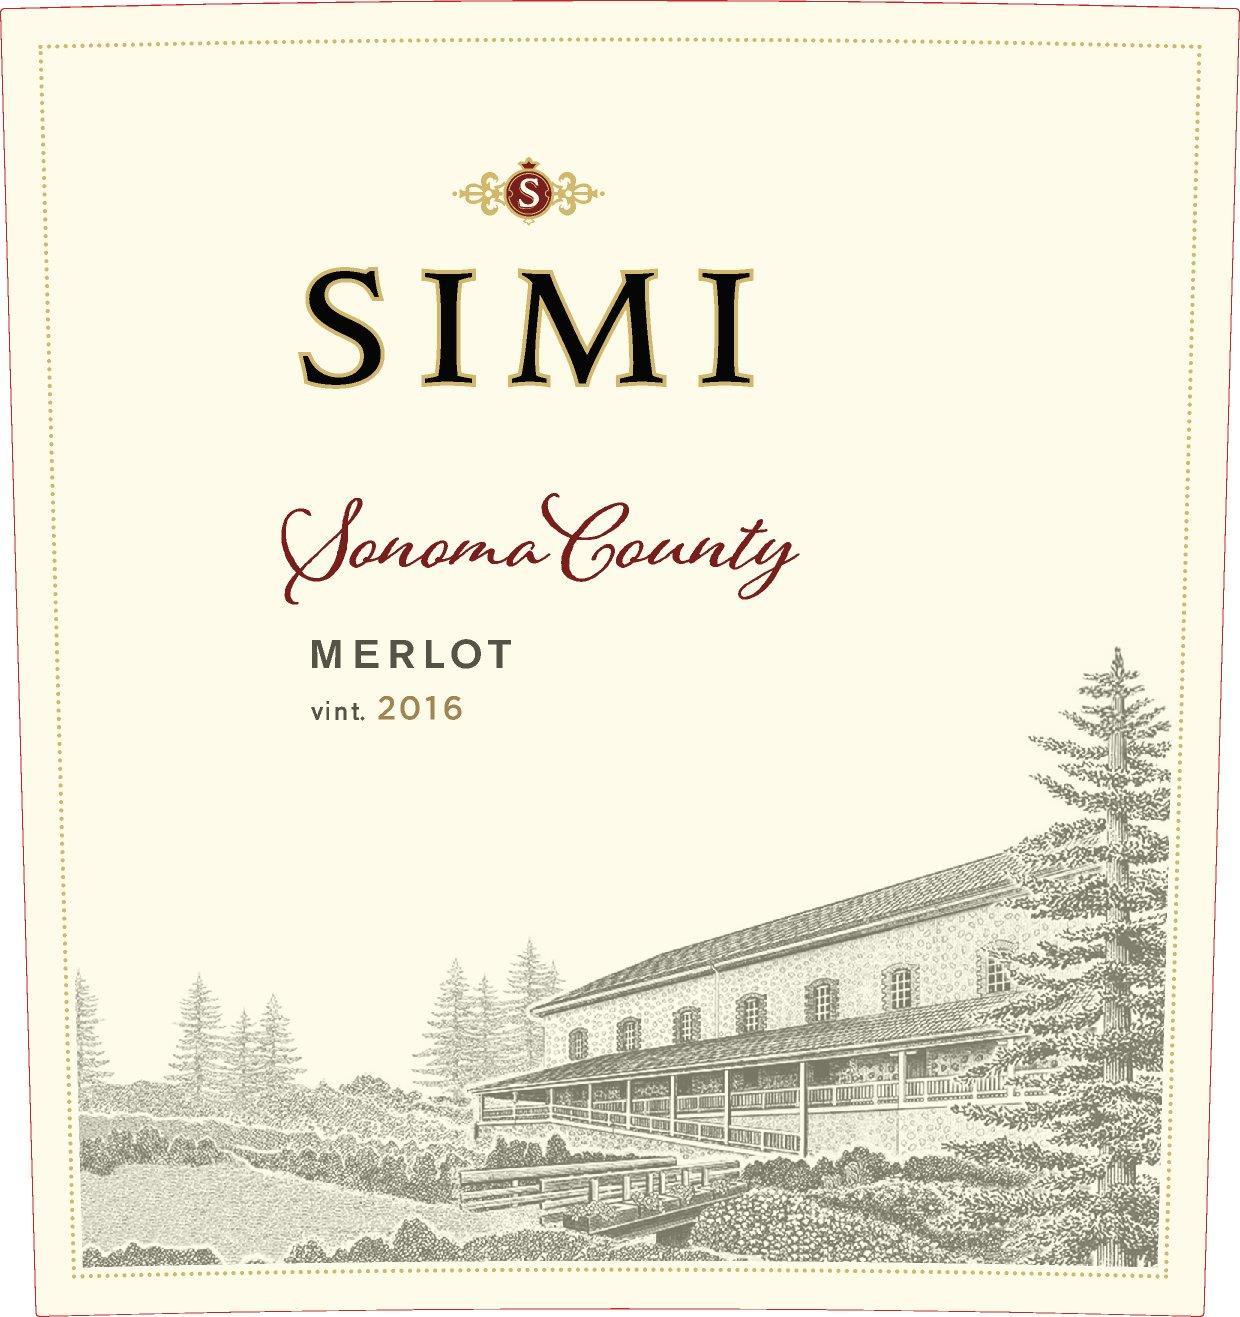 Simi Winery Merlot Sonoma County